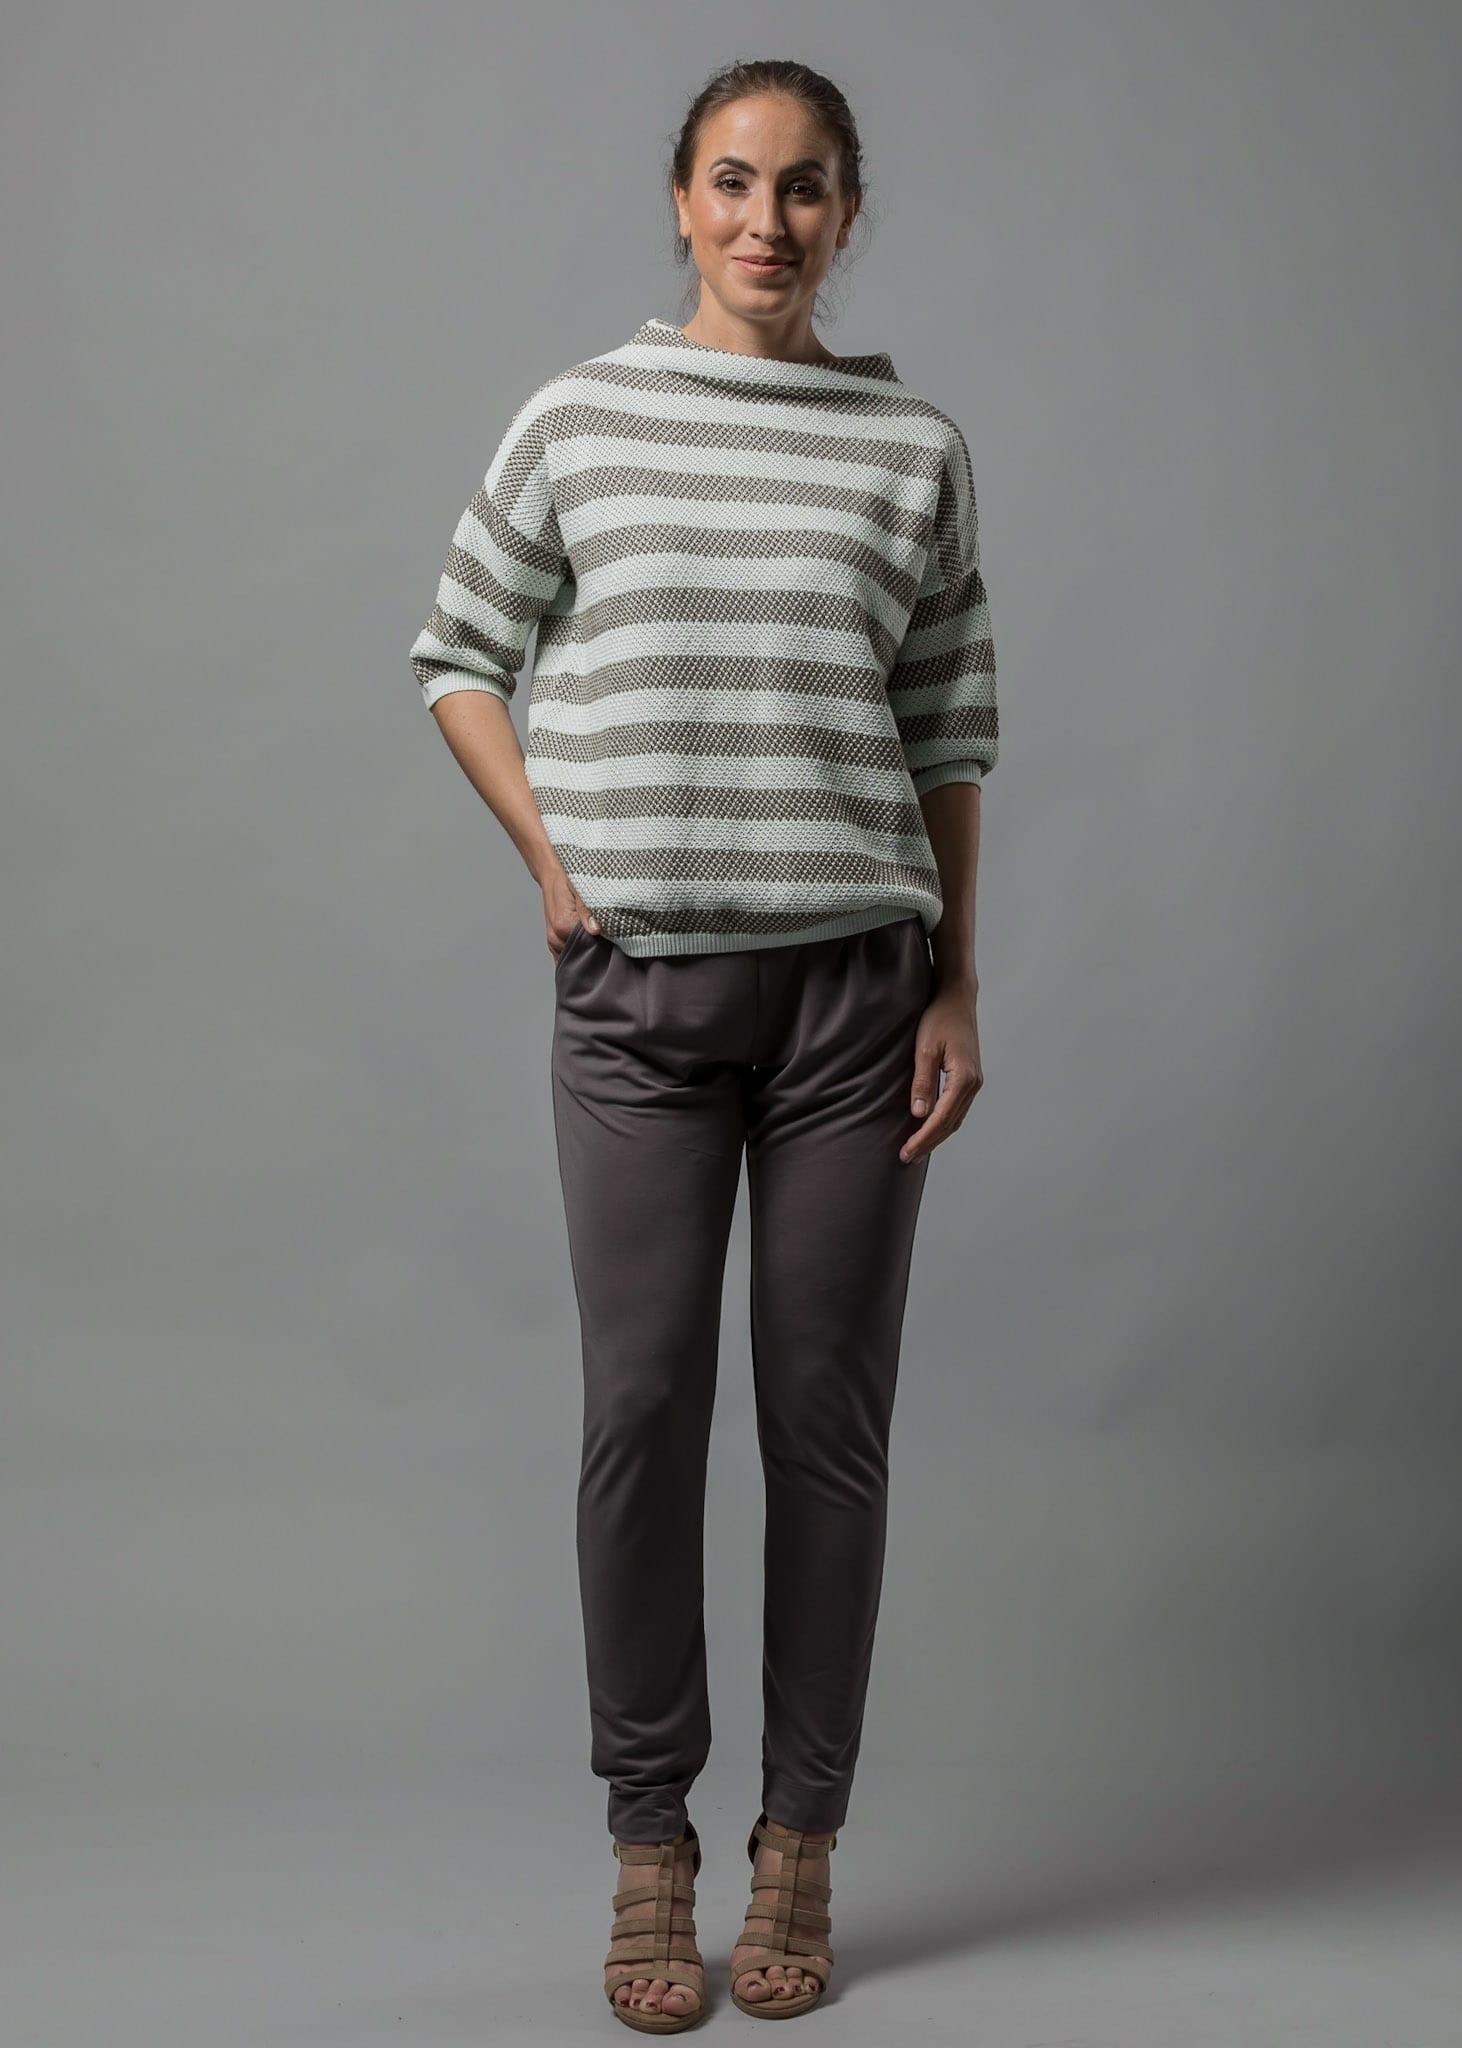 Damen Pullover Baumwolle